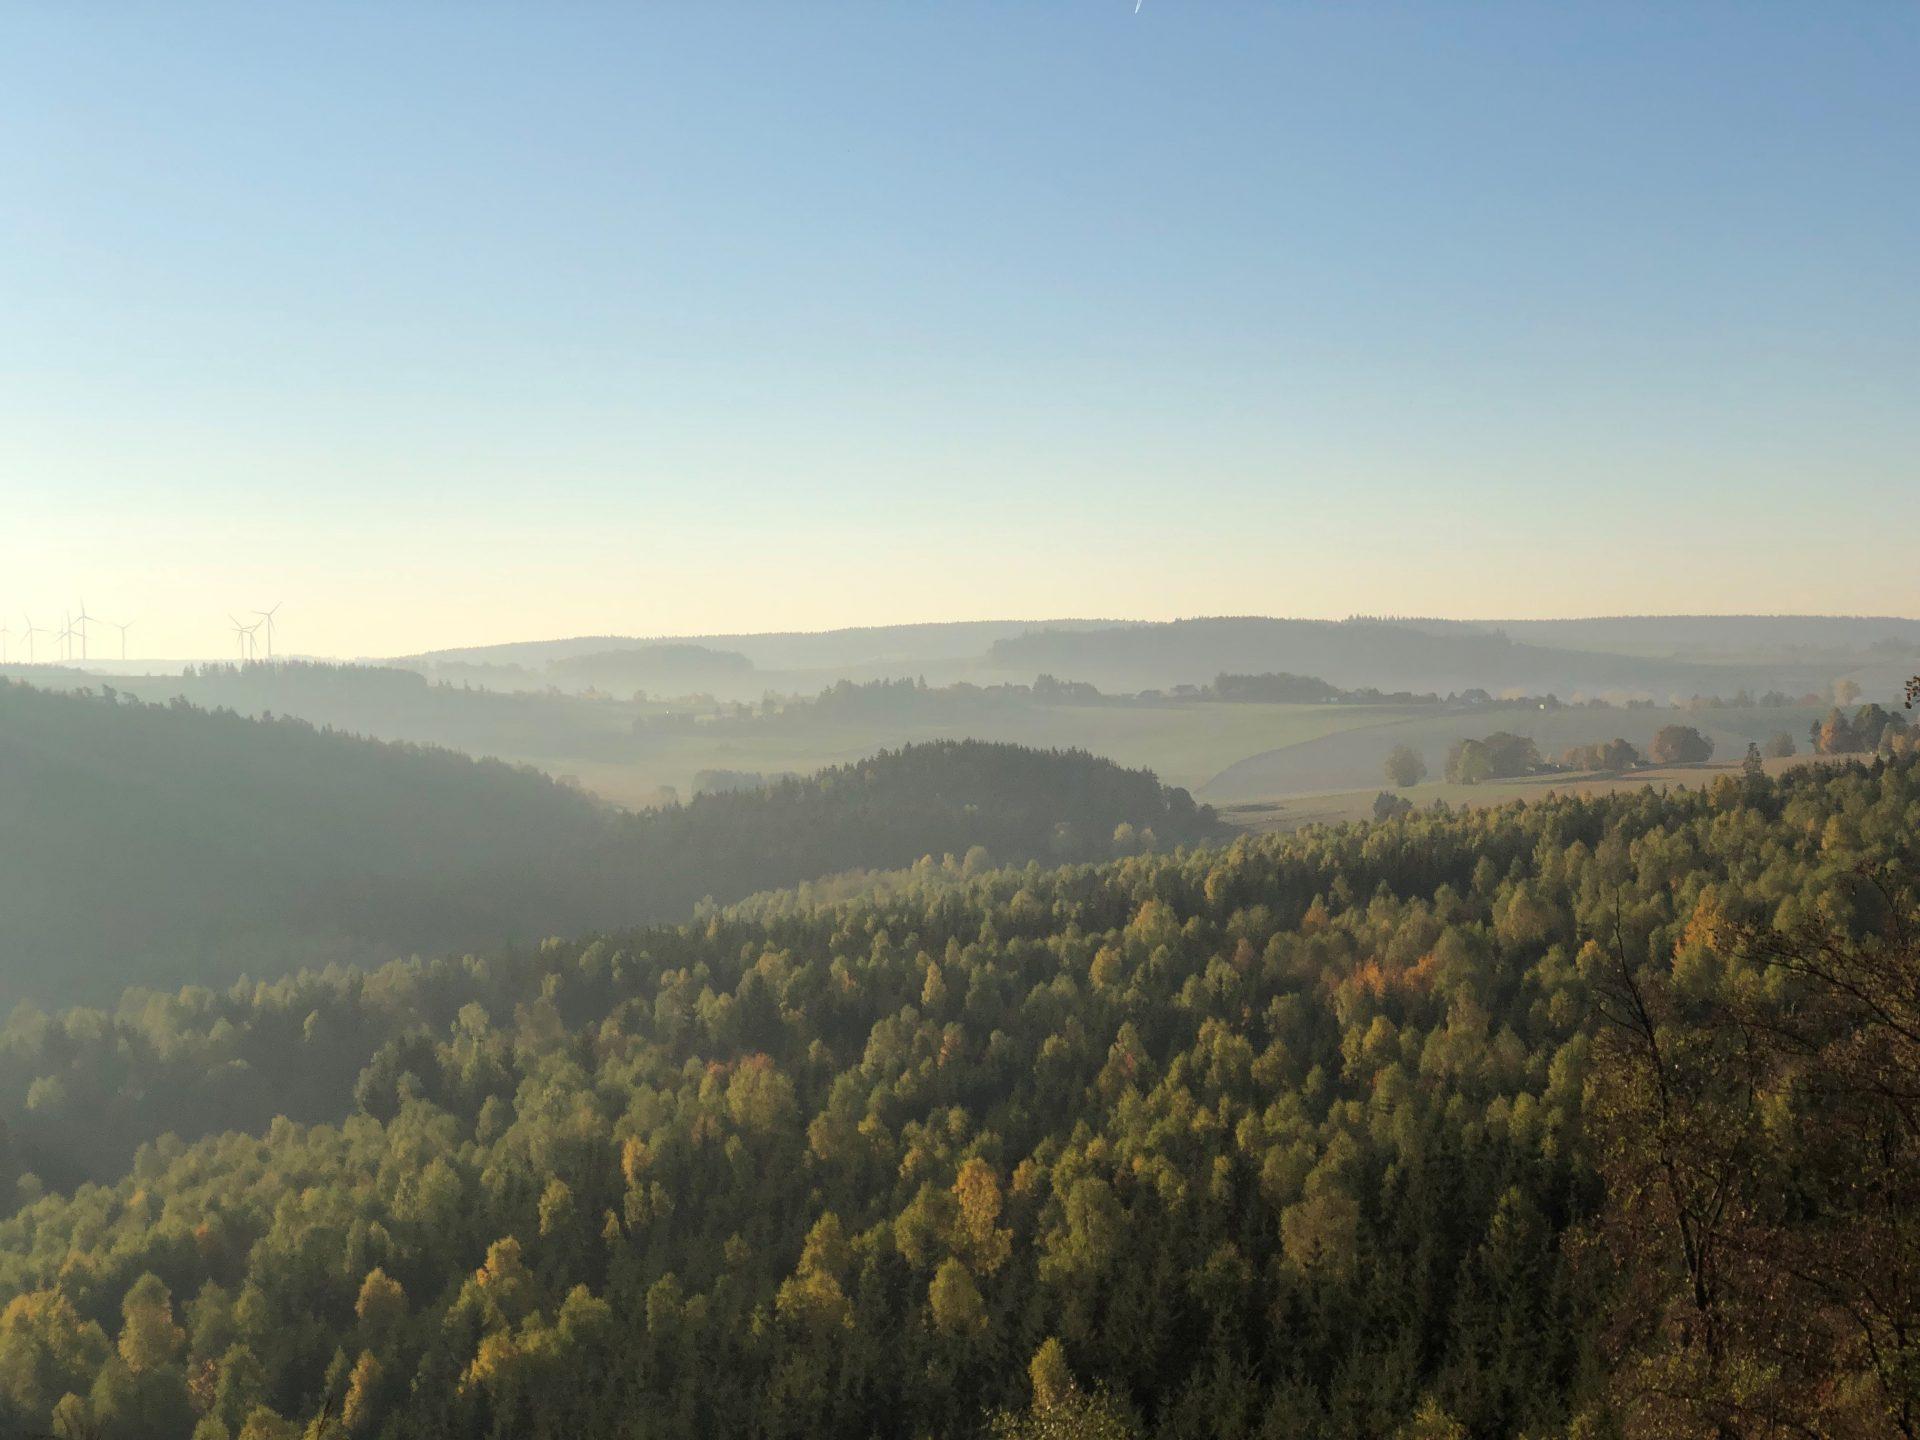 Herzlich Willkommen im Wald- und Naturfriedhof Frankenwald <br><span> Ein interkommunaler Bestattungswald</span>